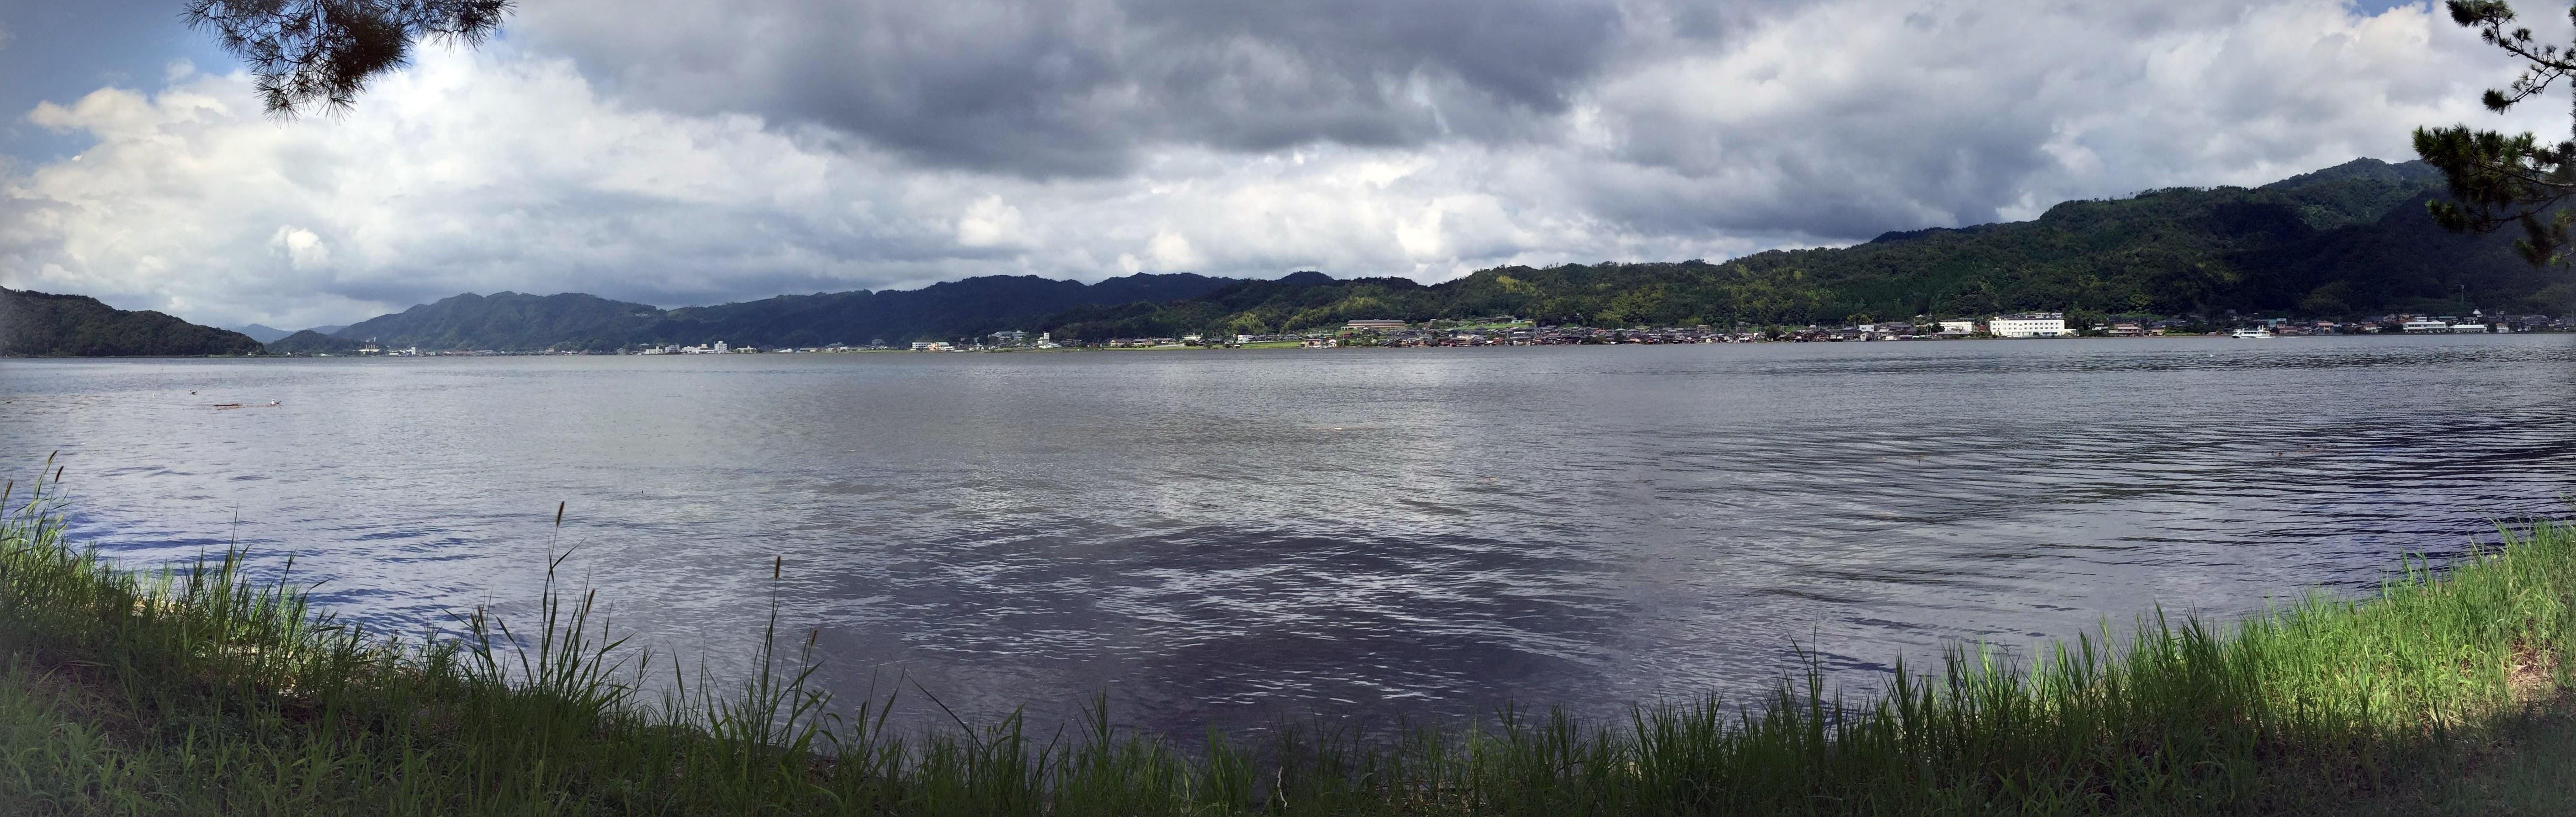 Amanohashidate panorama